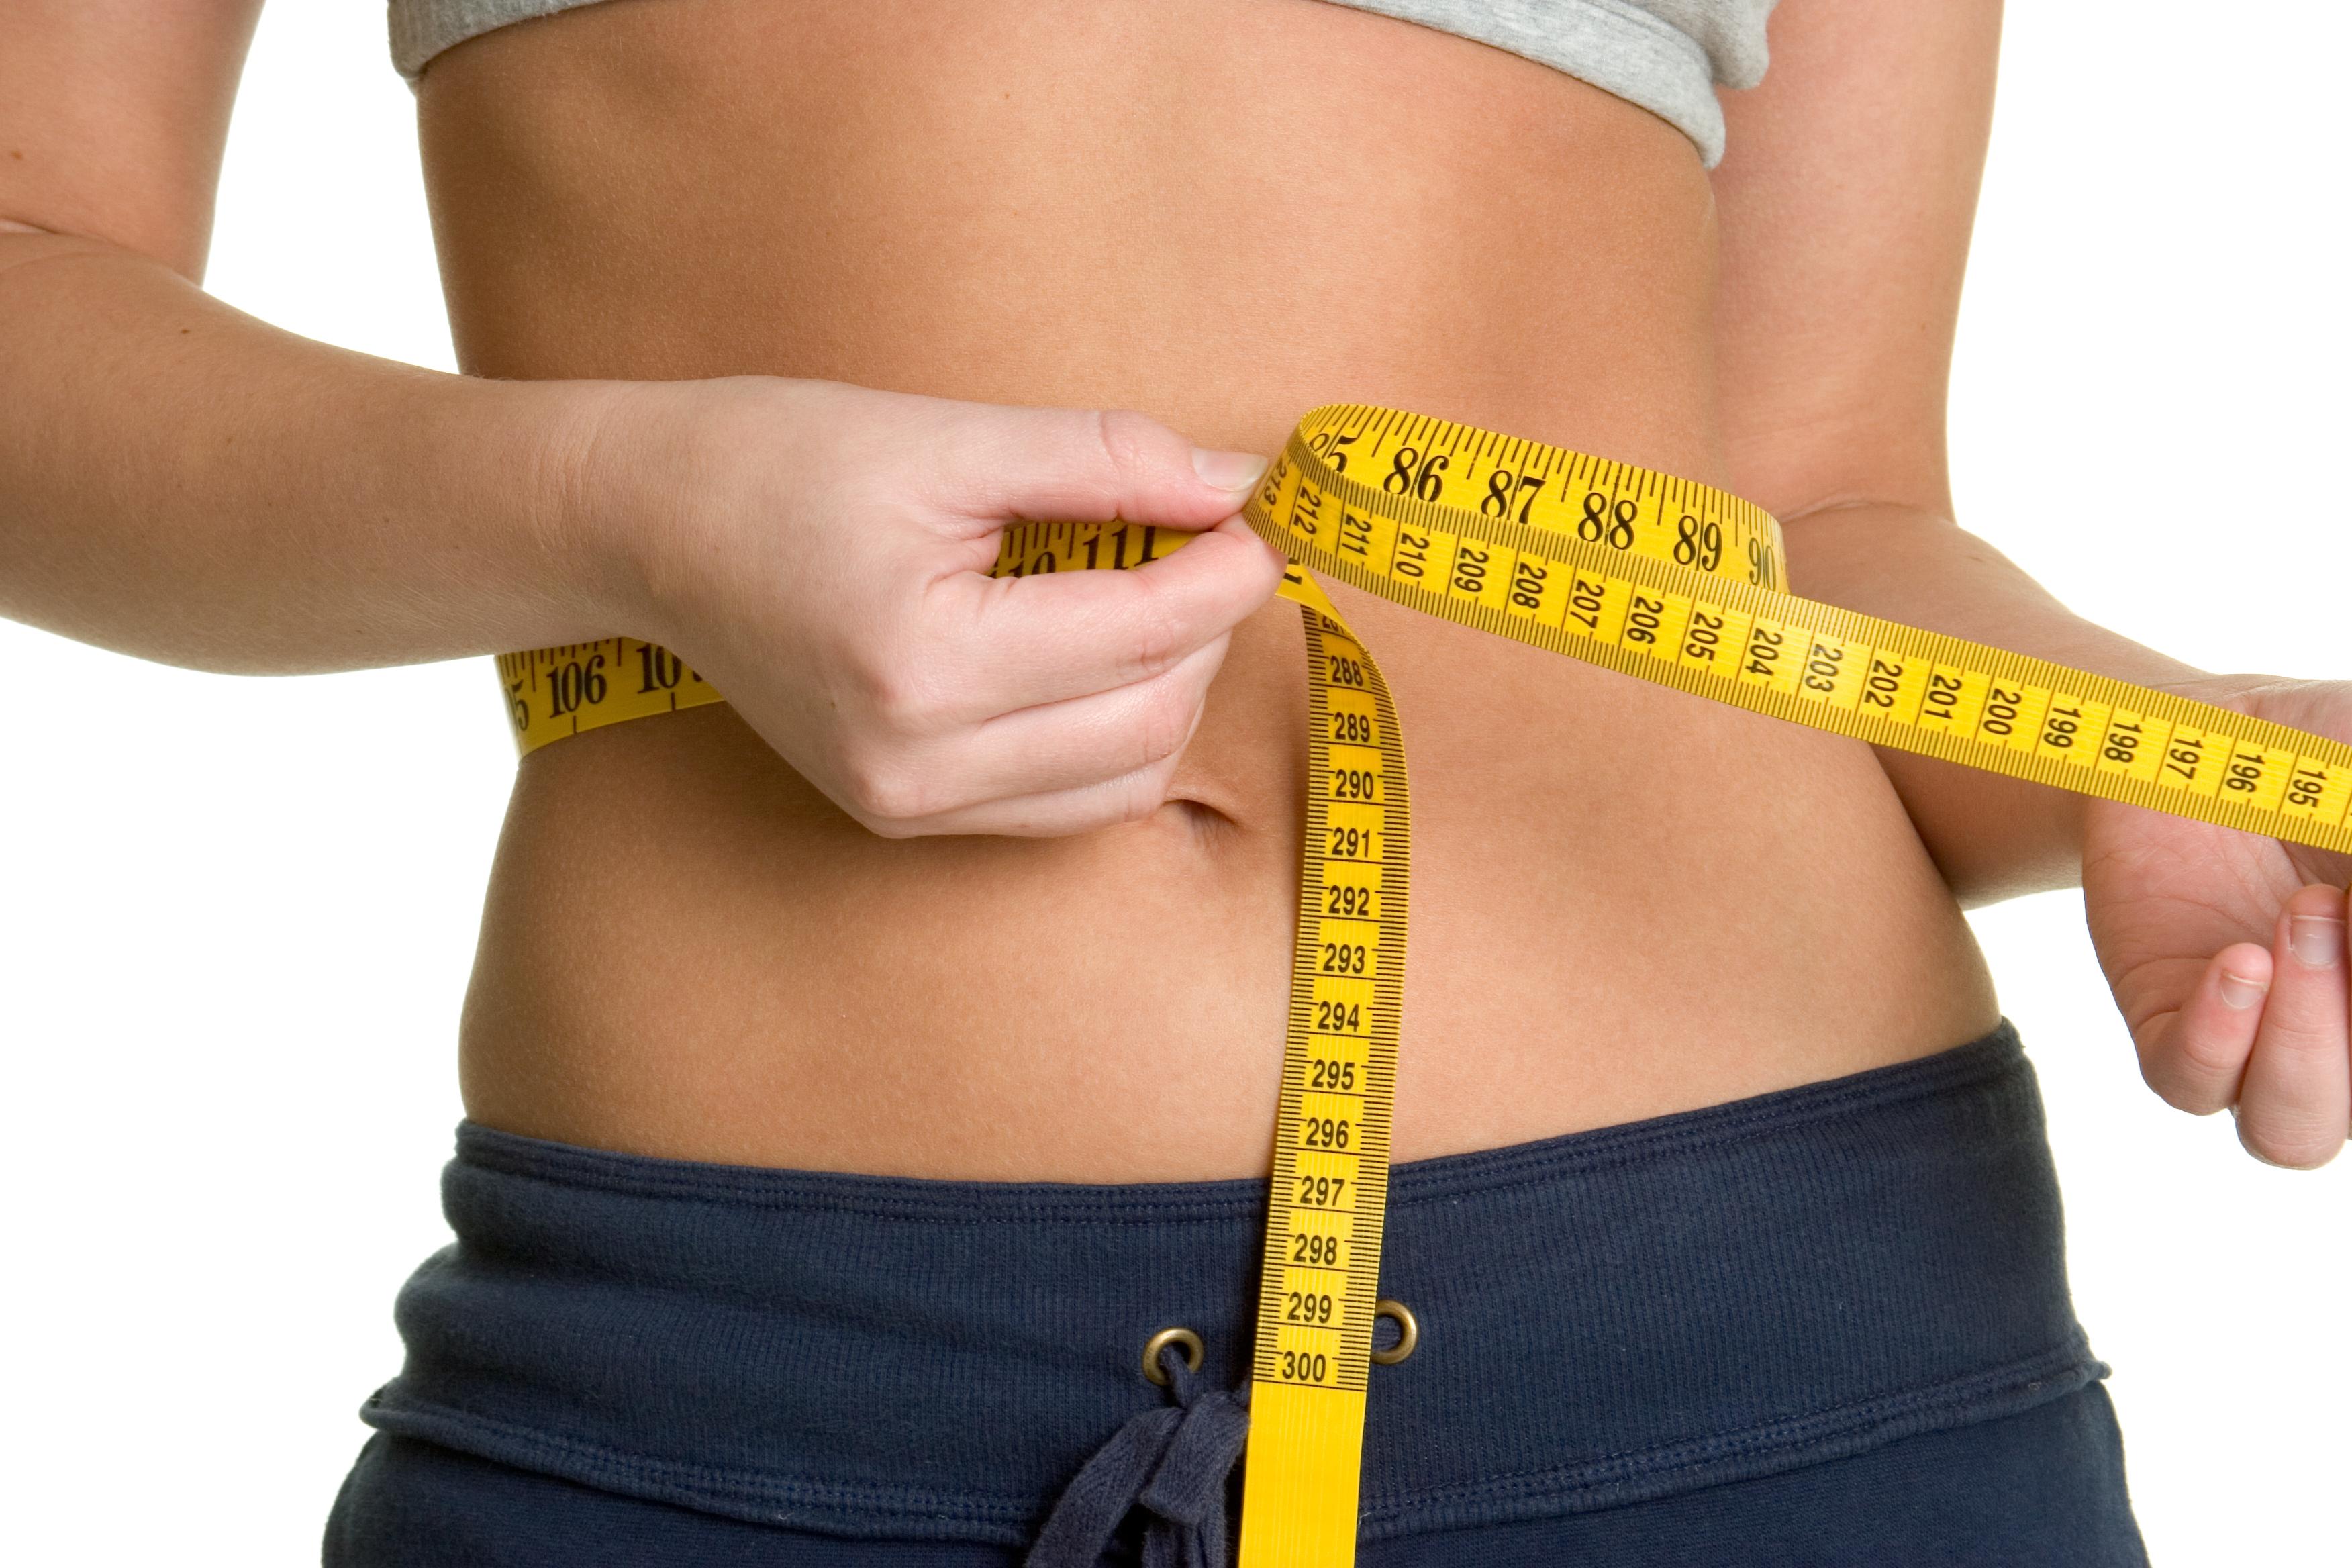 perte de poids excessive période manquée perte de poids manhattan